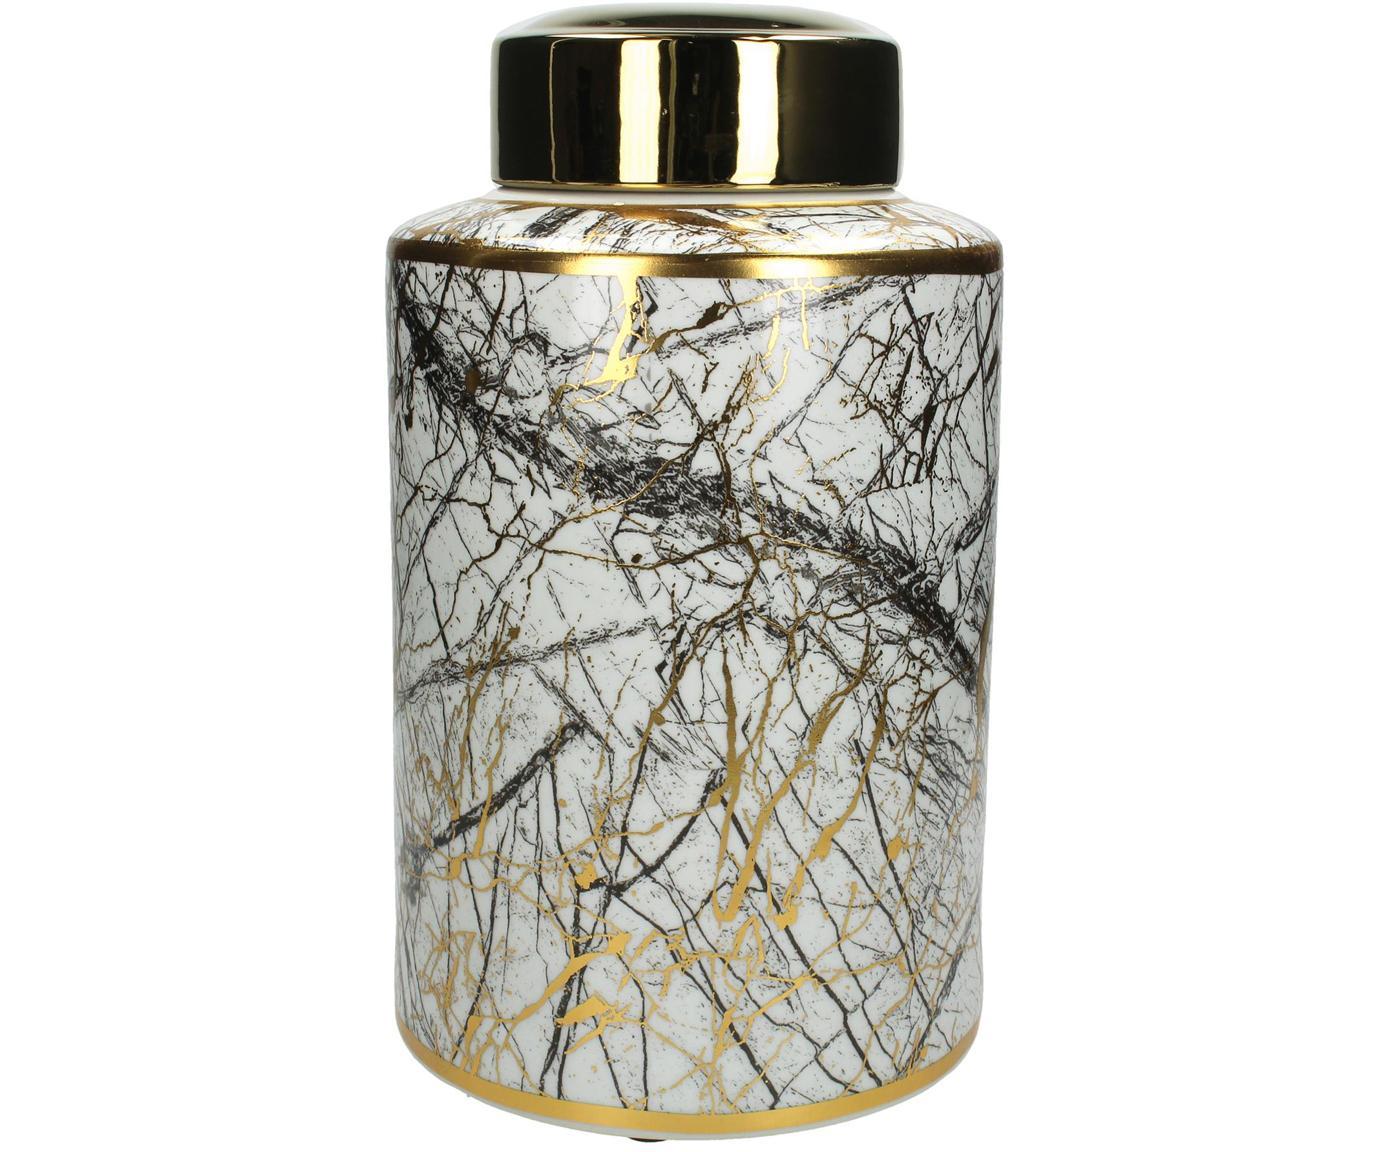 Opbergpot Marble, Porselein, Zwart, wit, goudkleurig, Ø 18 x H 30 cm